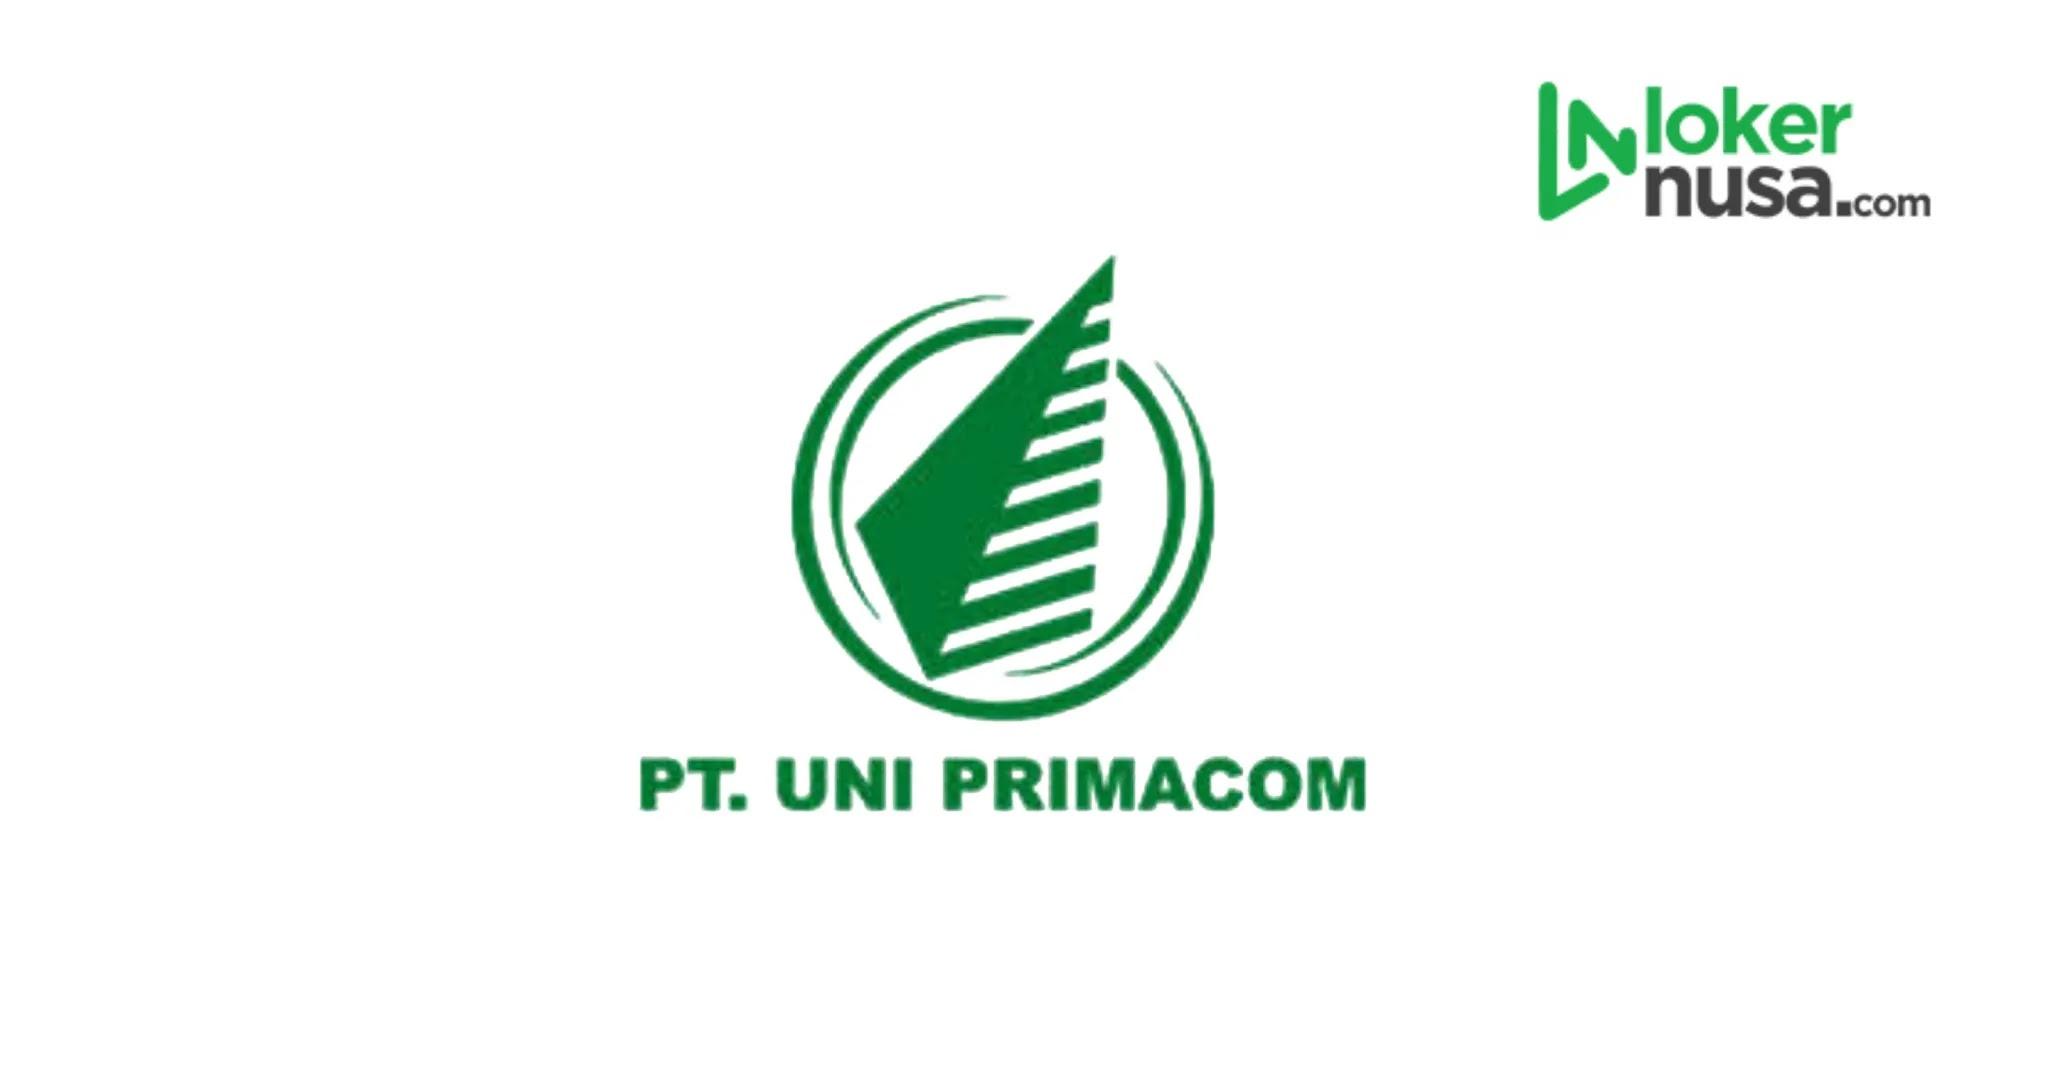 PT. Uni Primacom